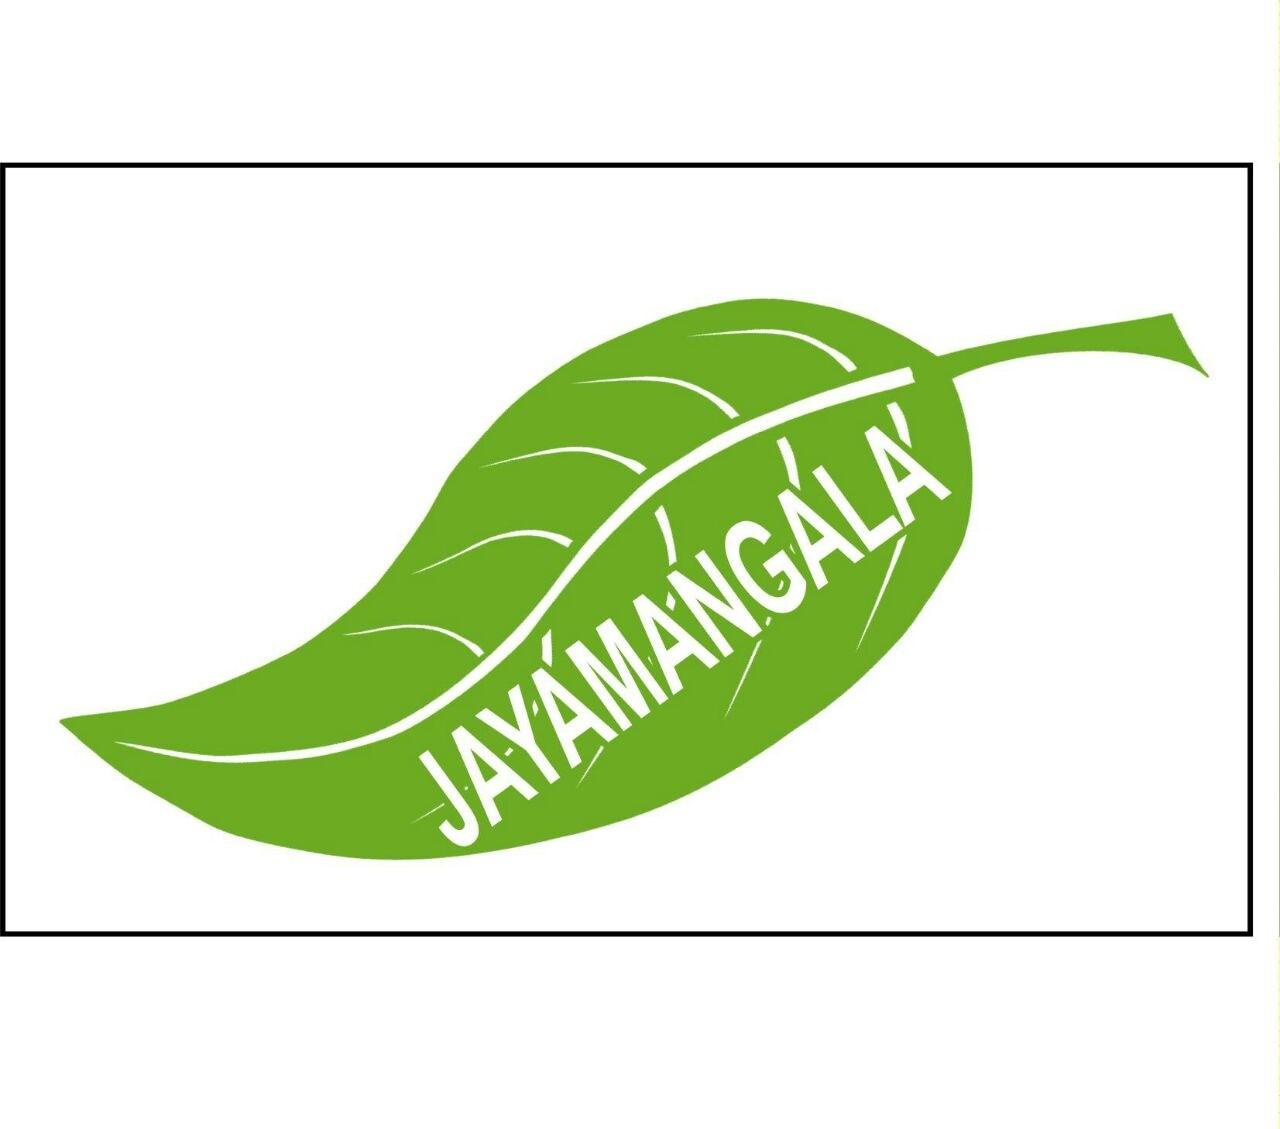 Toko Jaya Manggala